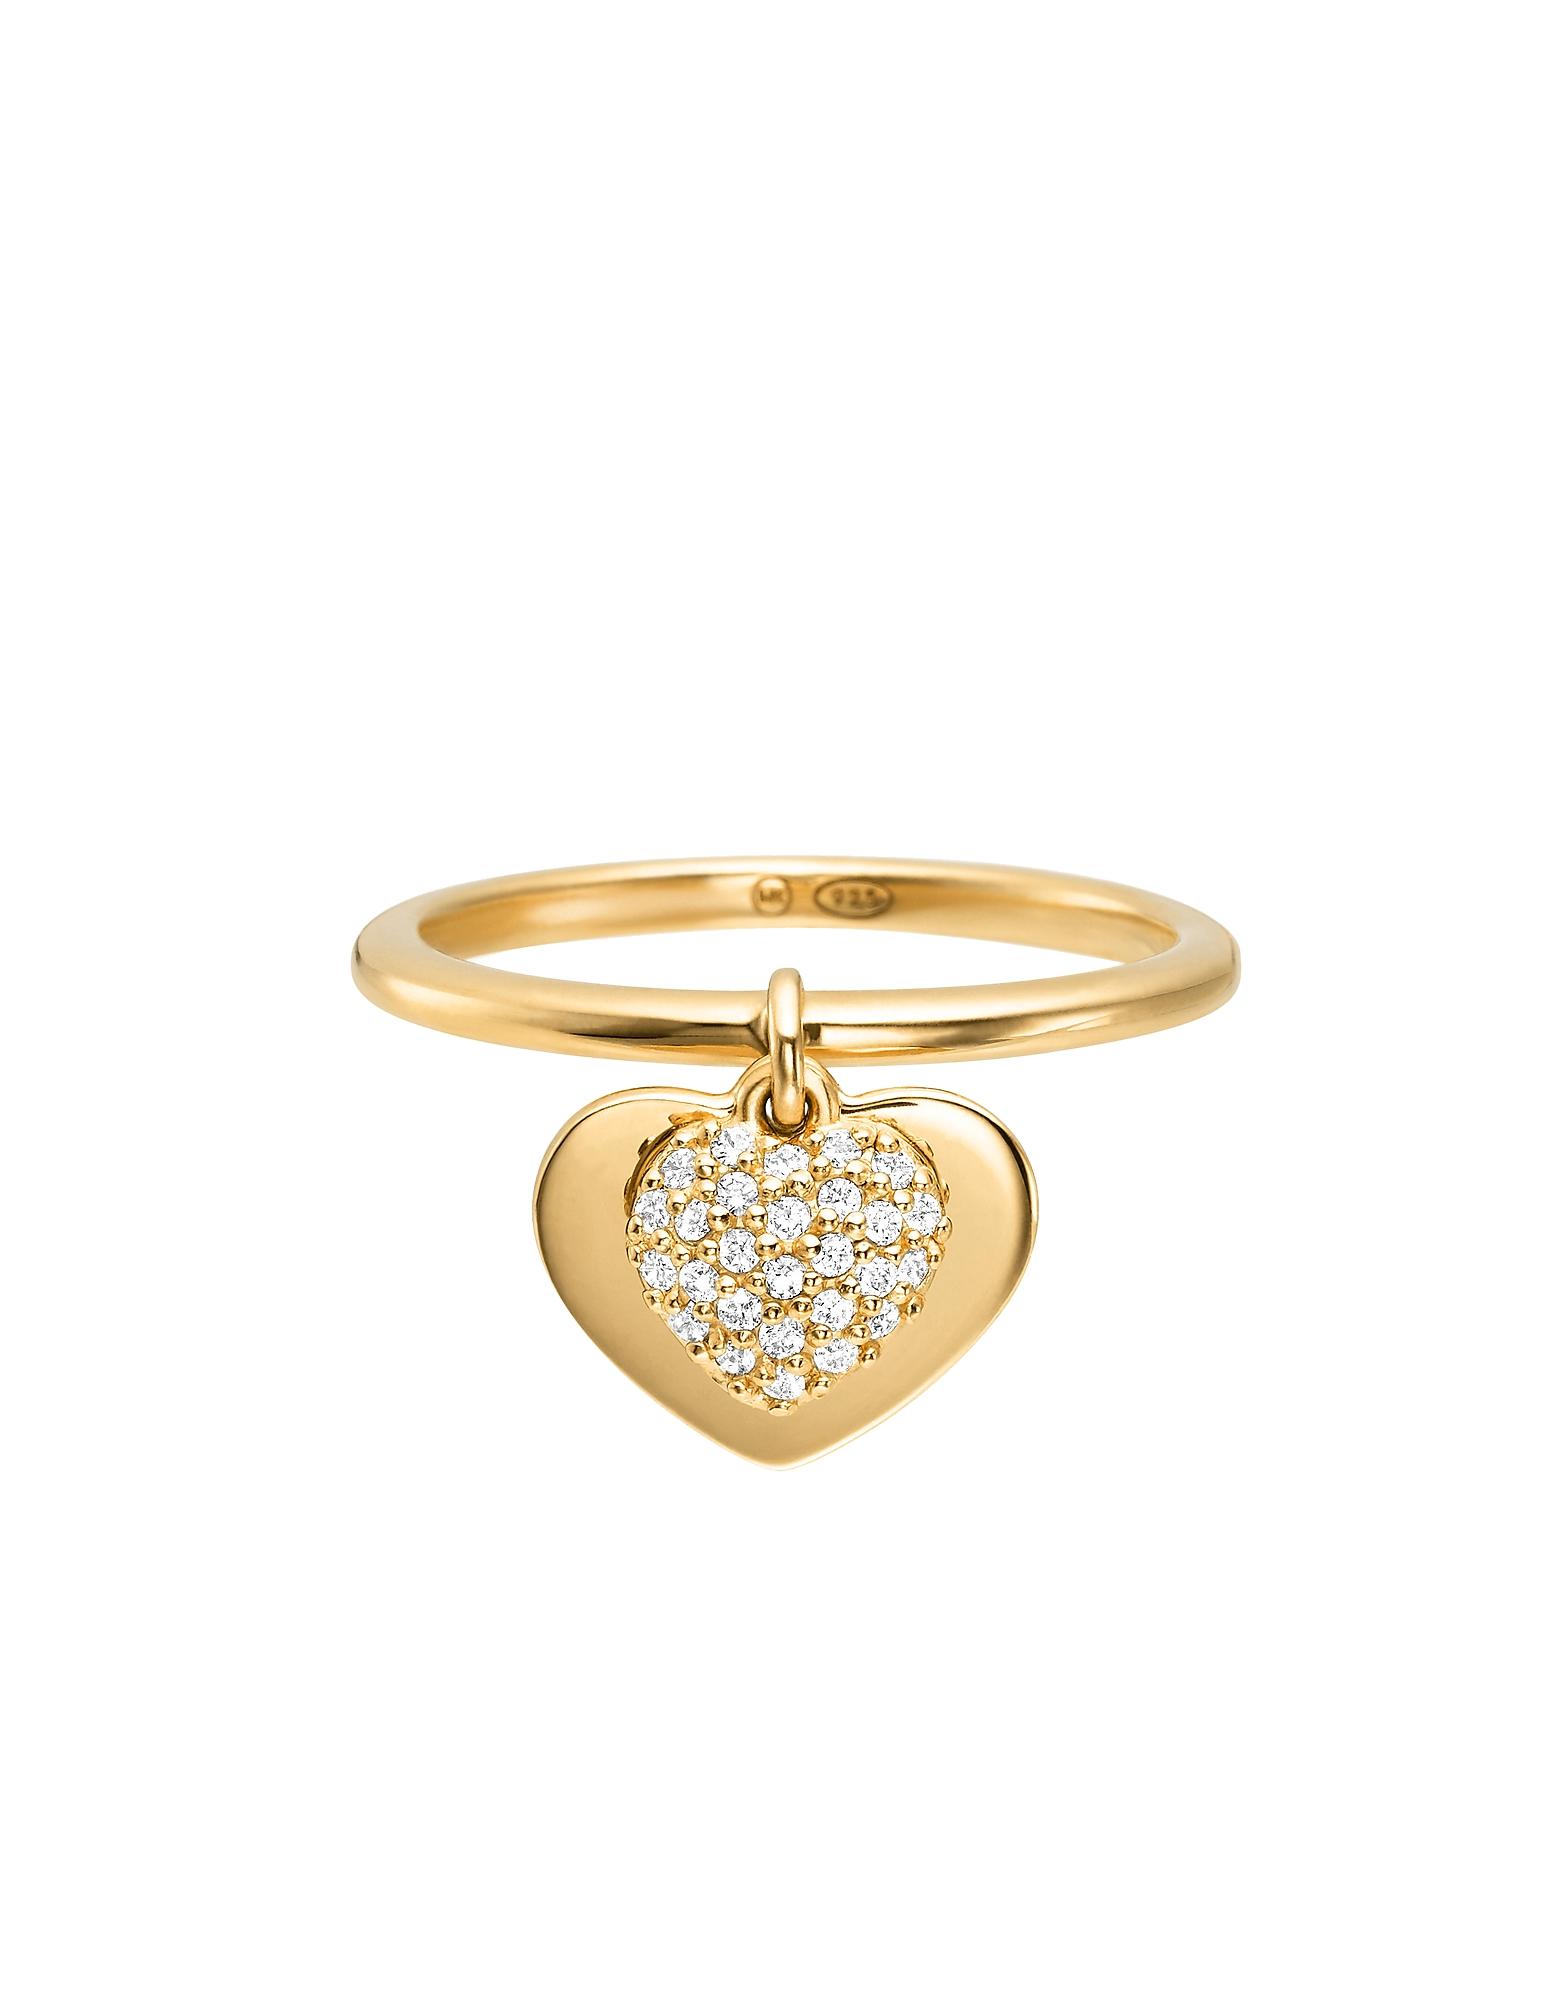 Kors - Кольцо с Сердцем из Стерлингового Серебра с Напылением Золота 14 карат